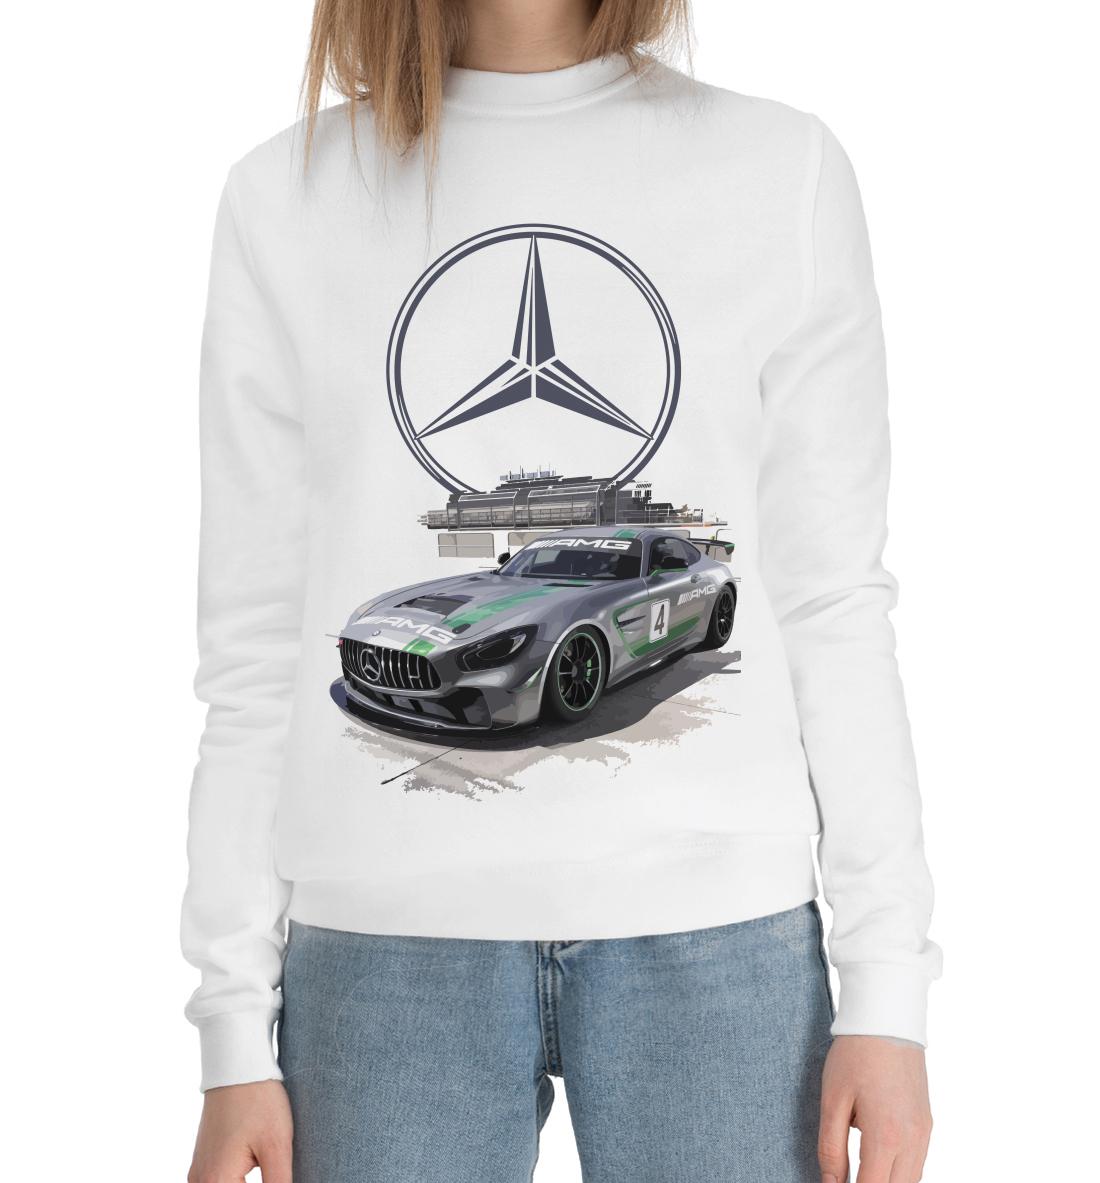 Фото - Mercedes AMG mercedes amg